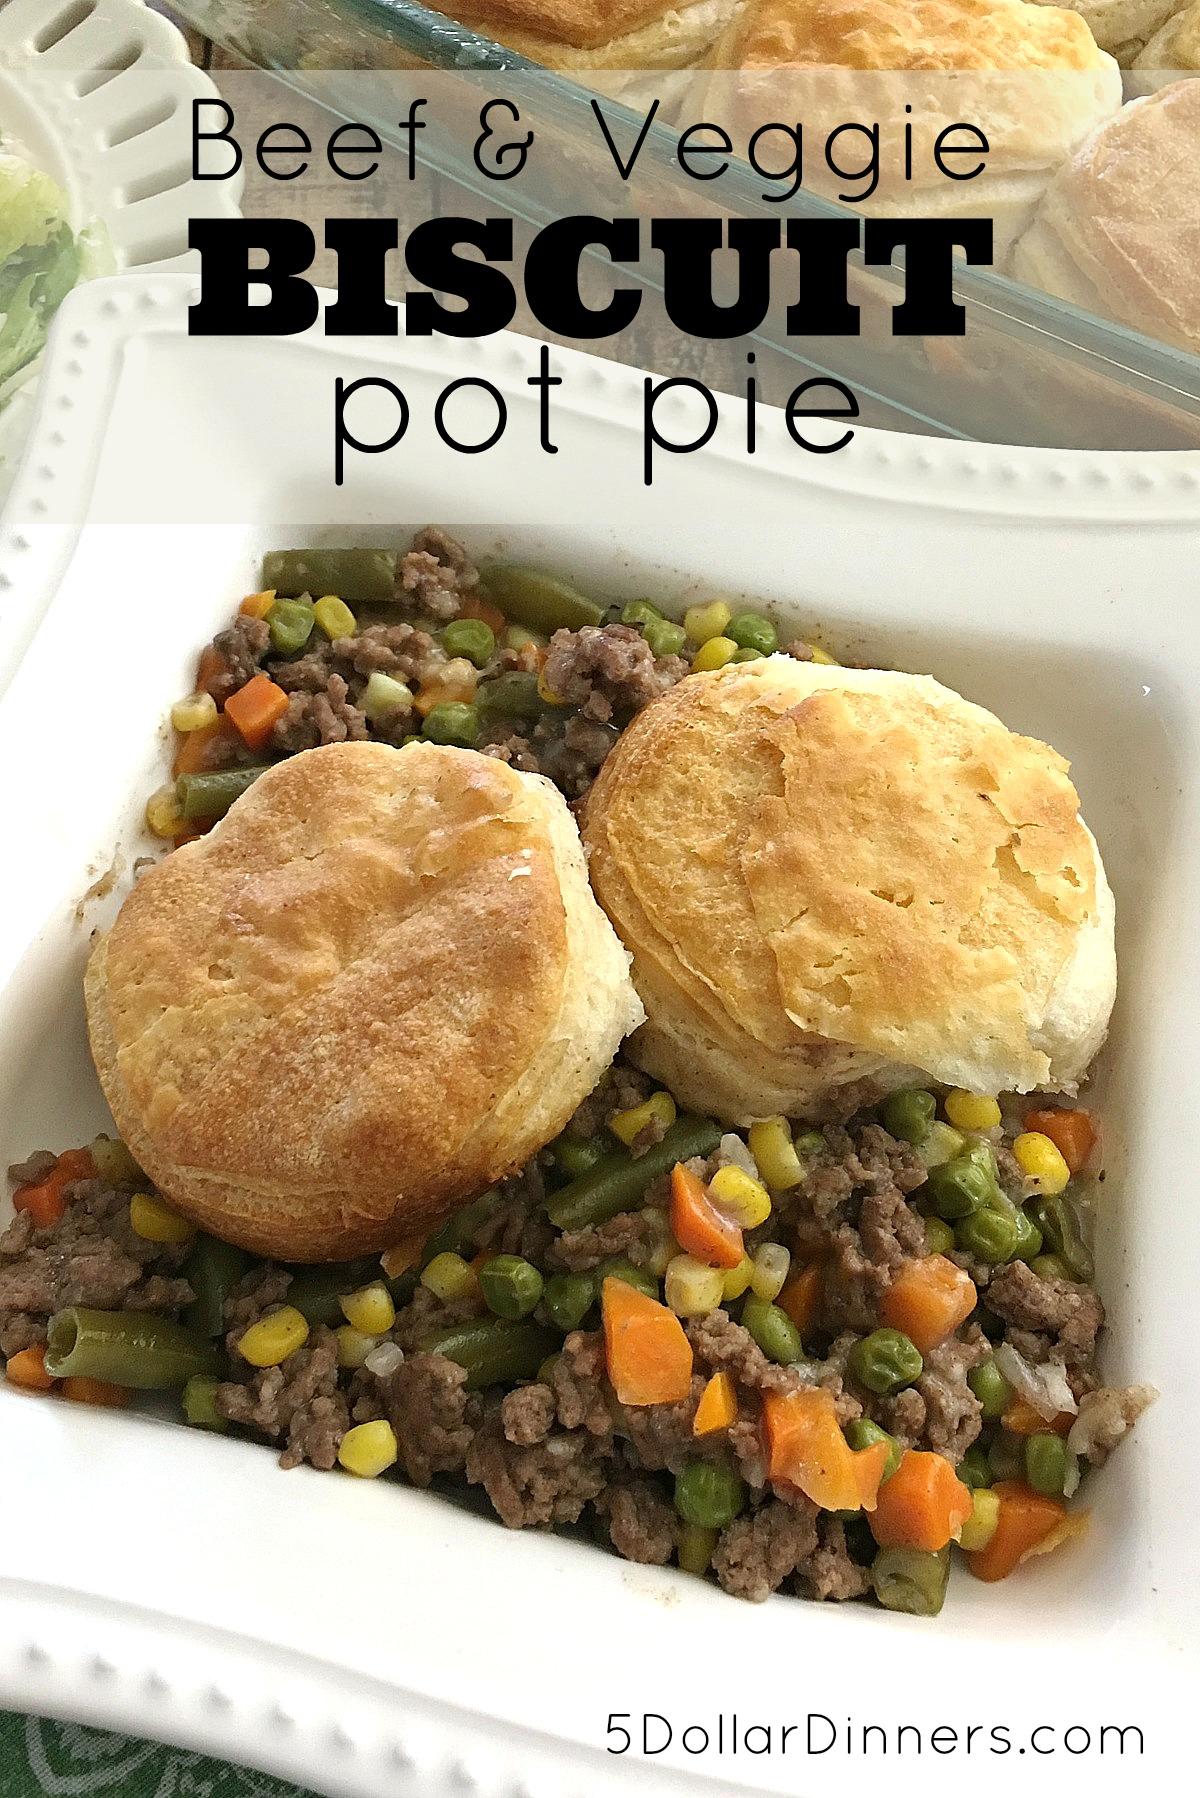 Beef & Veggie Biscuit Pot Pie